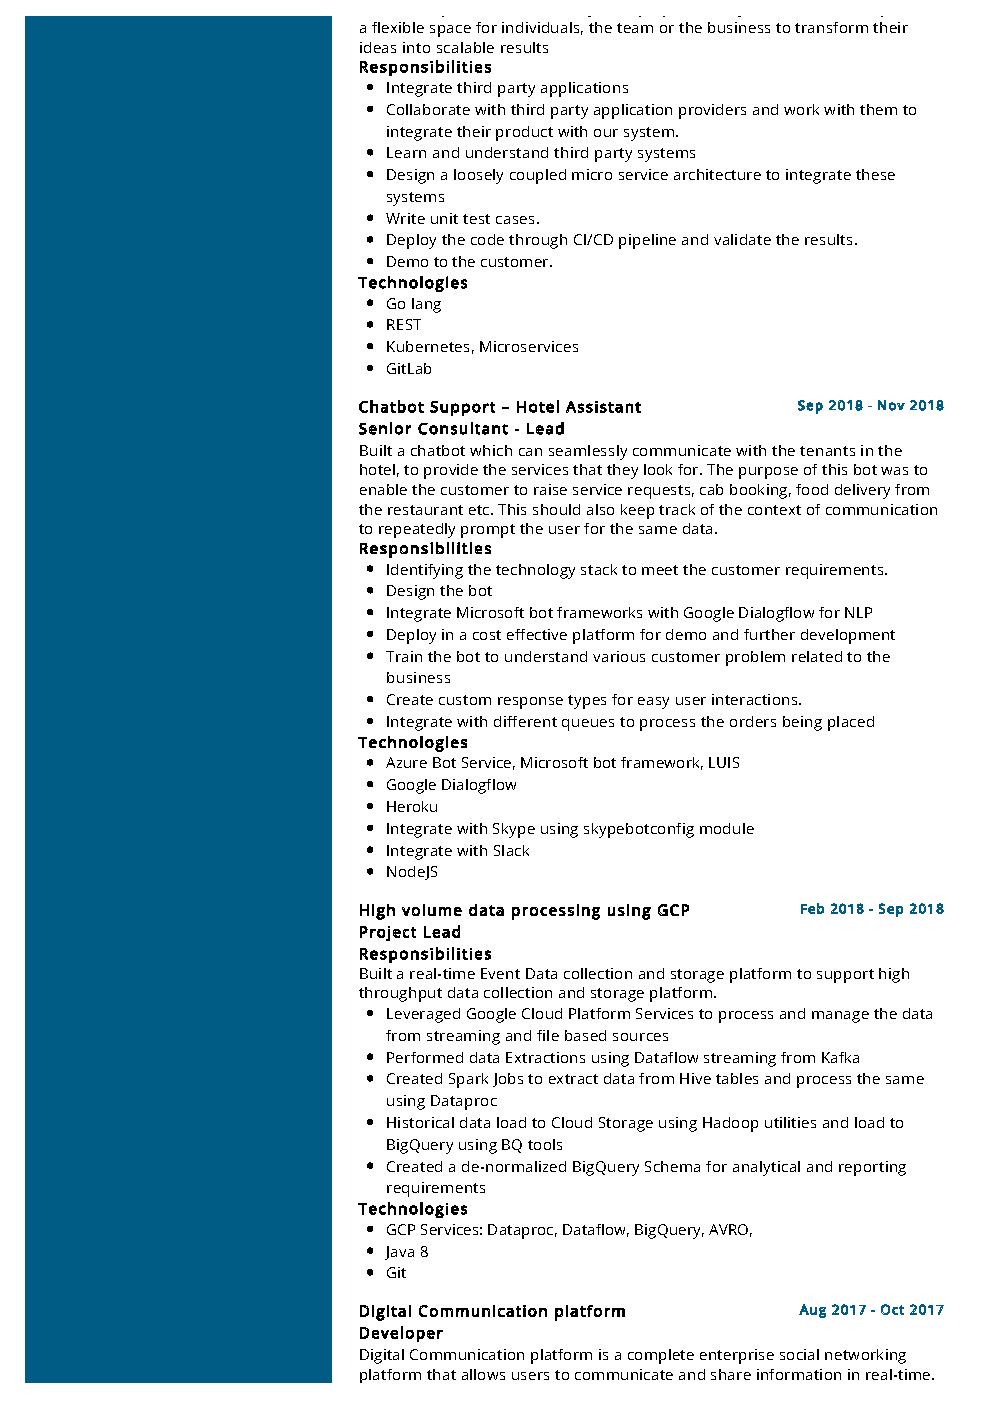 google cloud architect resume example  u0026 writing tips